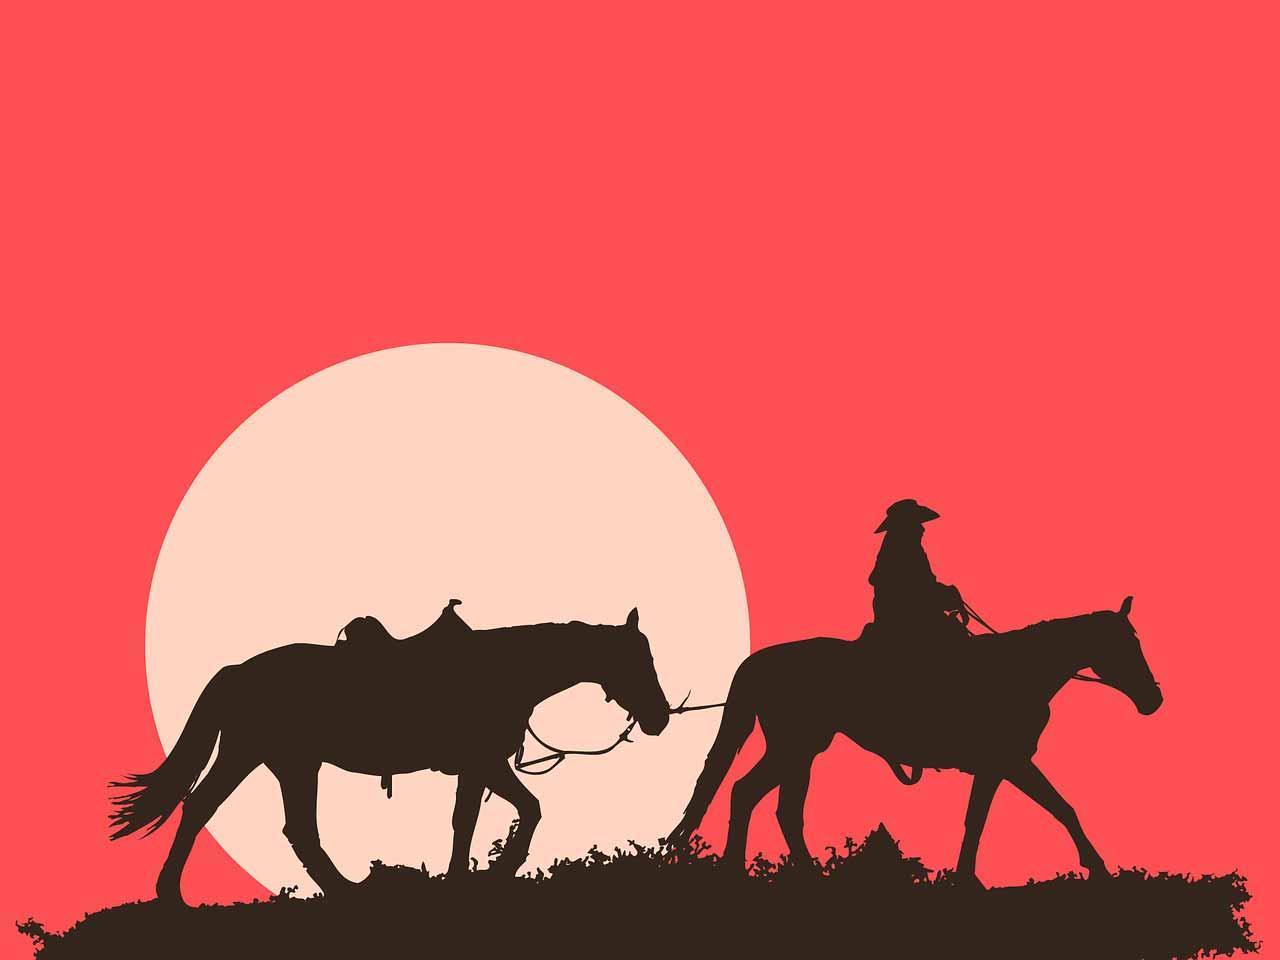 Un homme chevauchant un cheval